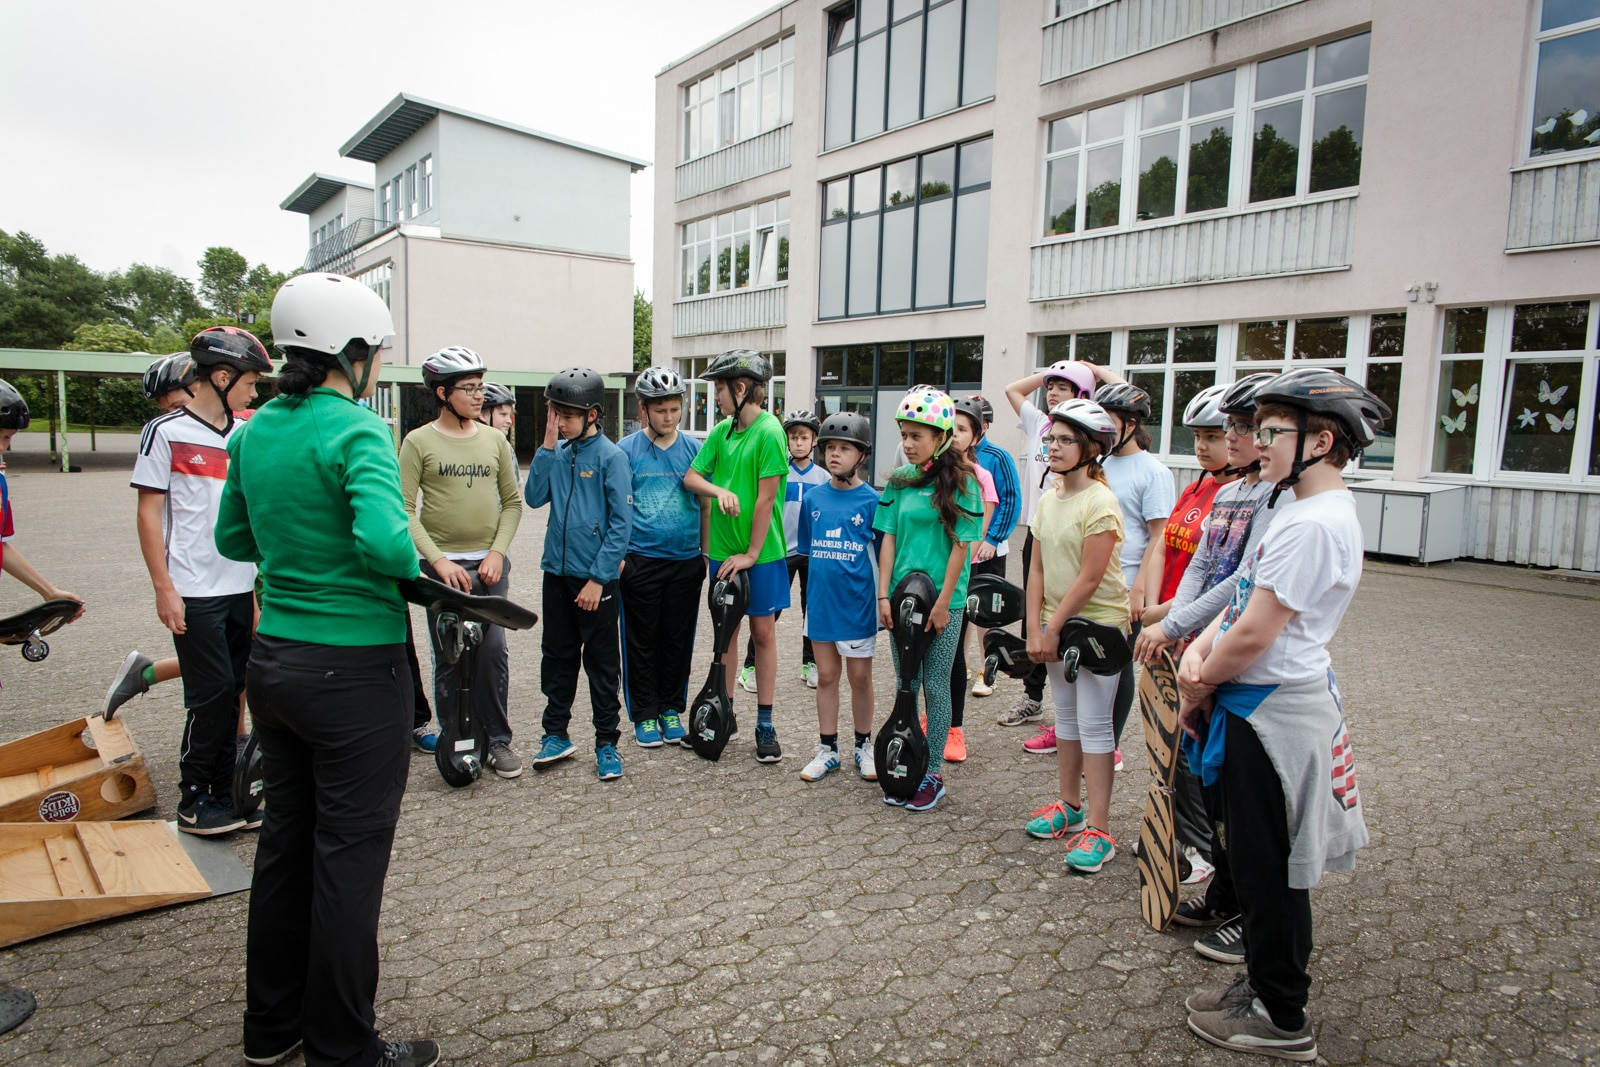 Gruppeneinweisung von Schülern für die Funwheelgeräte